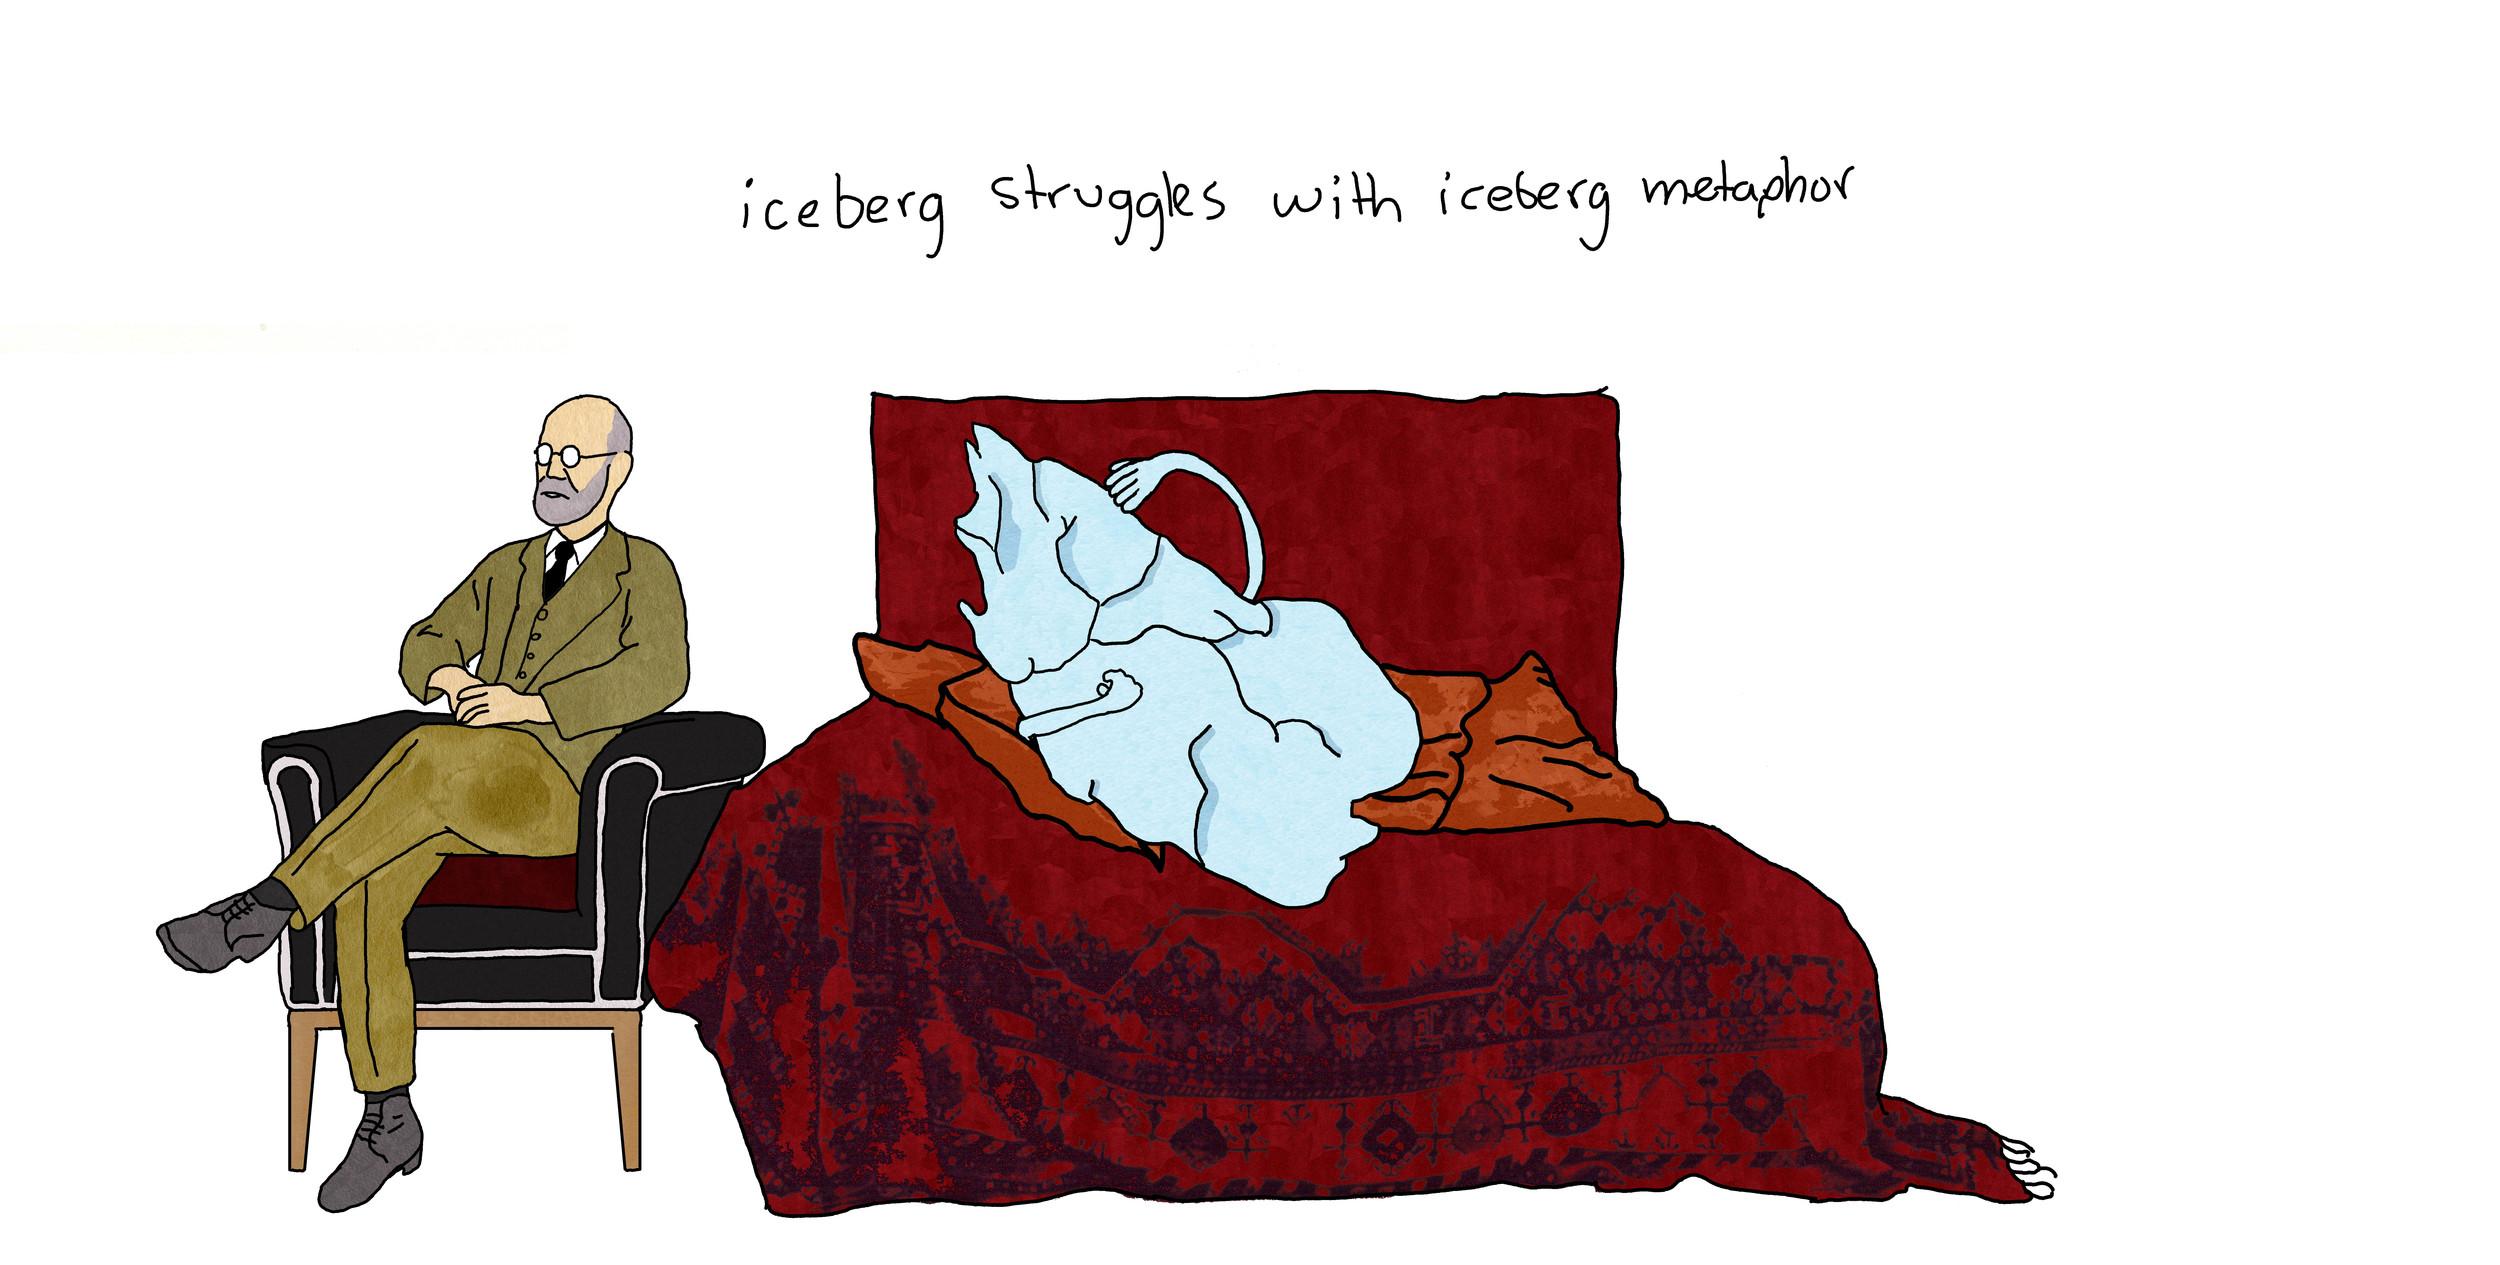 Freud's Iceberg Session.jpg